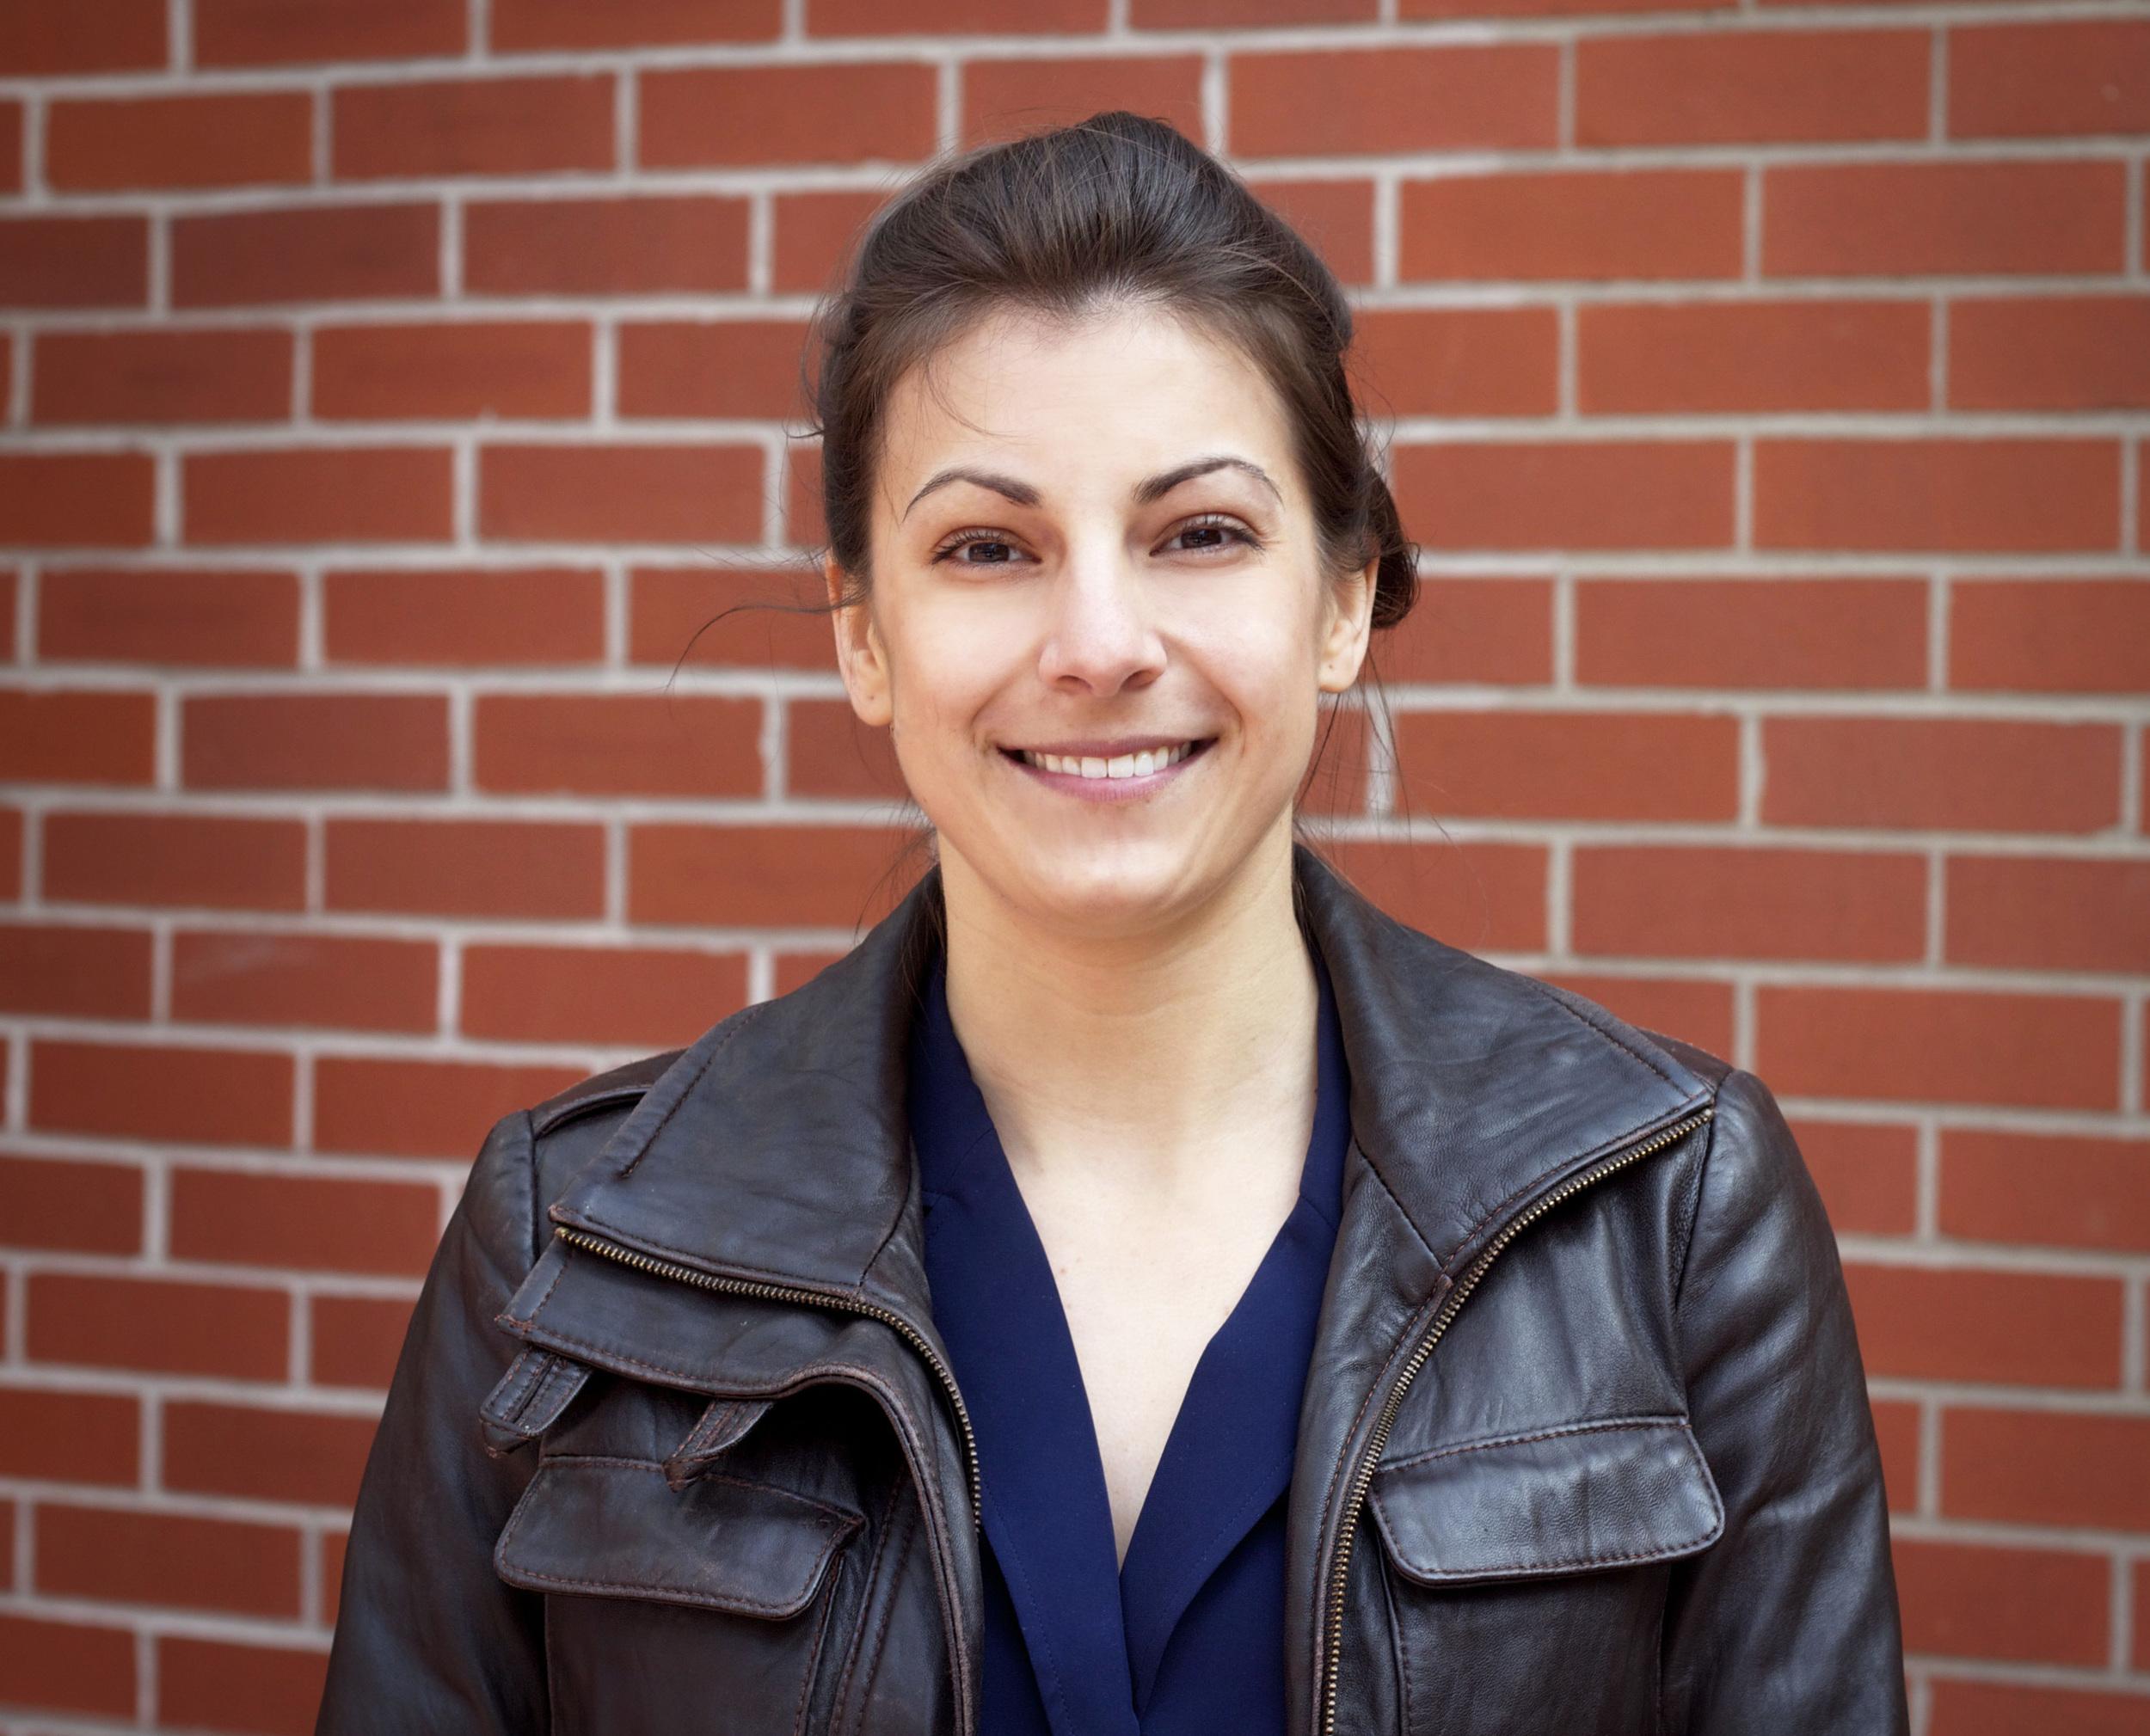 Jennifer Kidson | Owner, Film Editor & Media Consultant